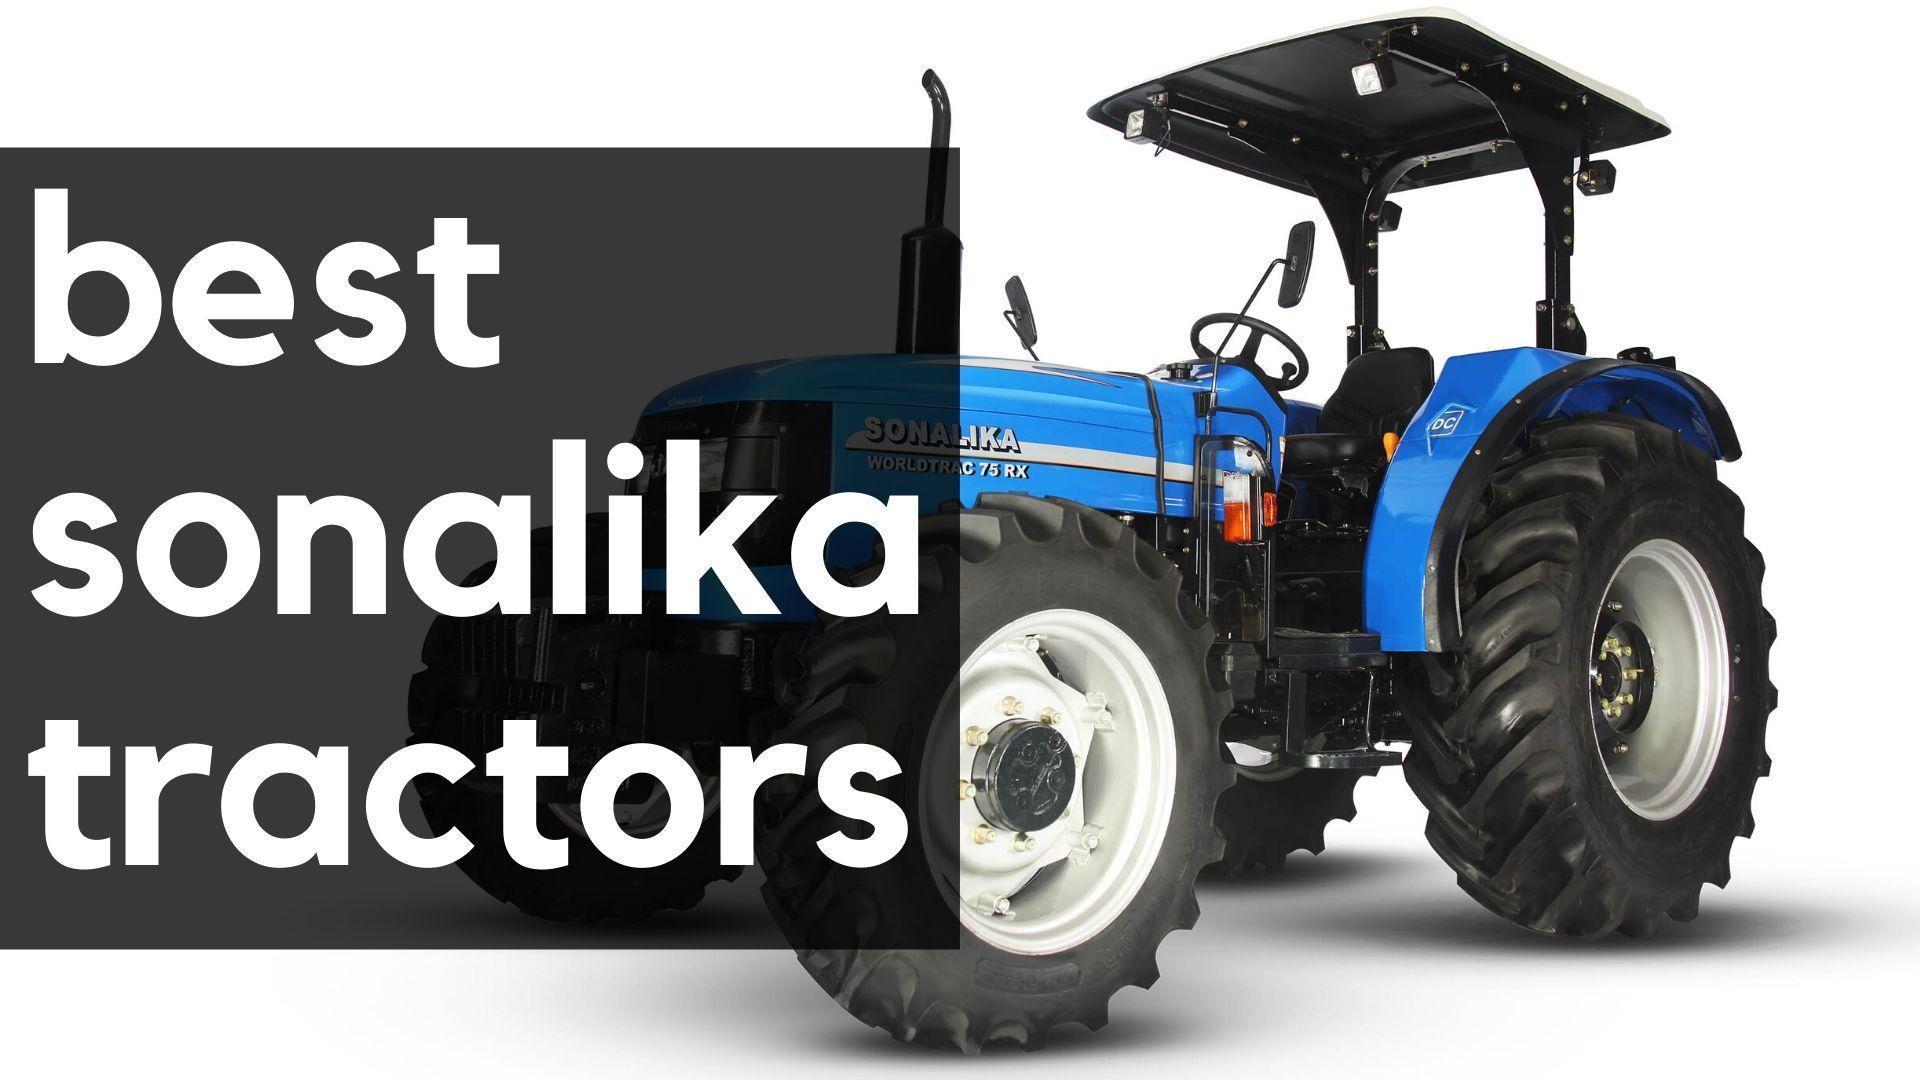 best sonalika tractors